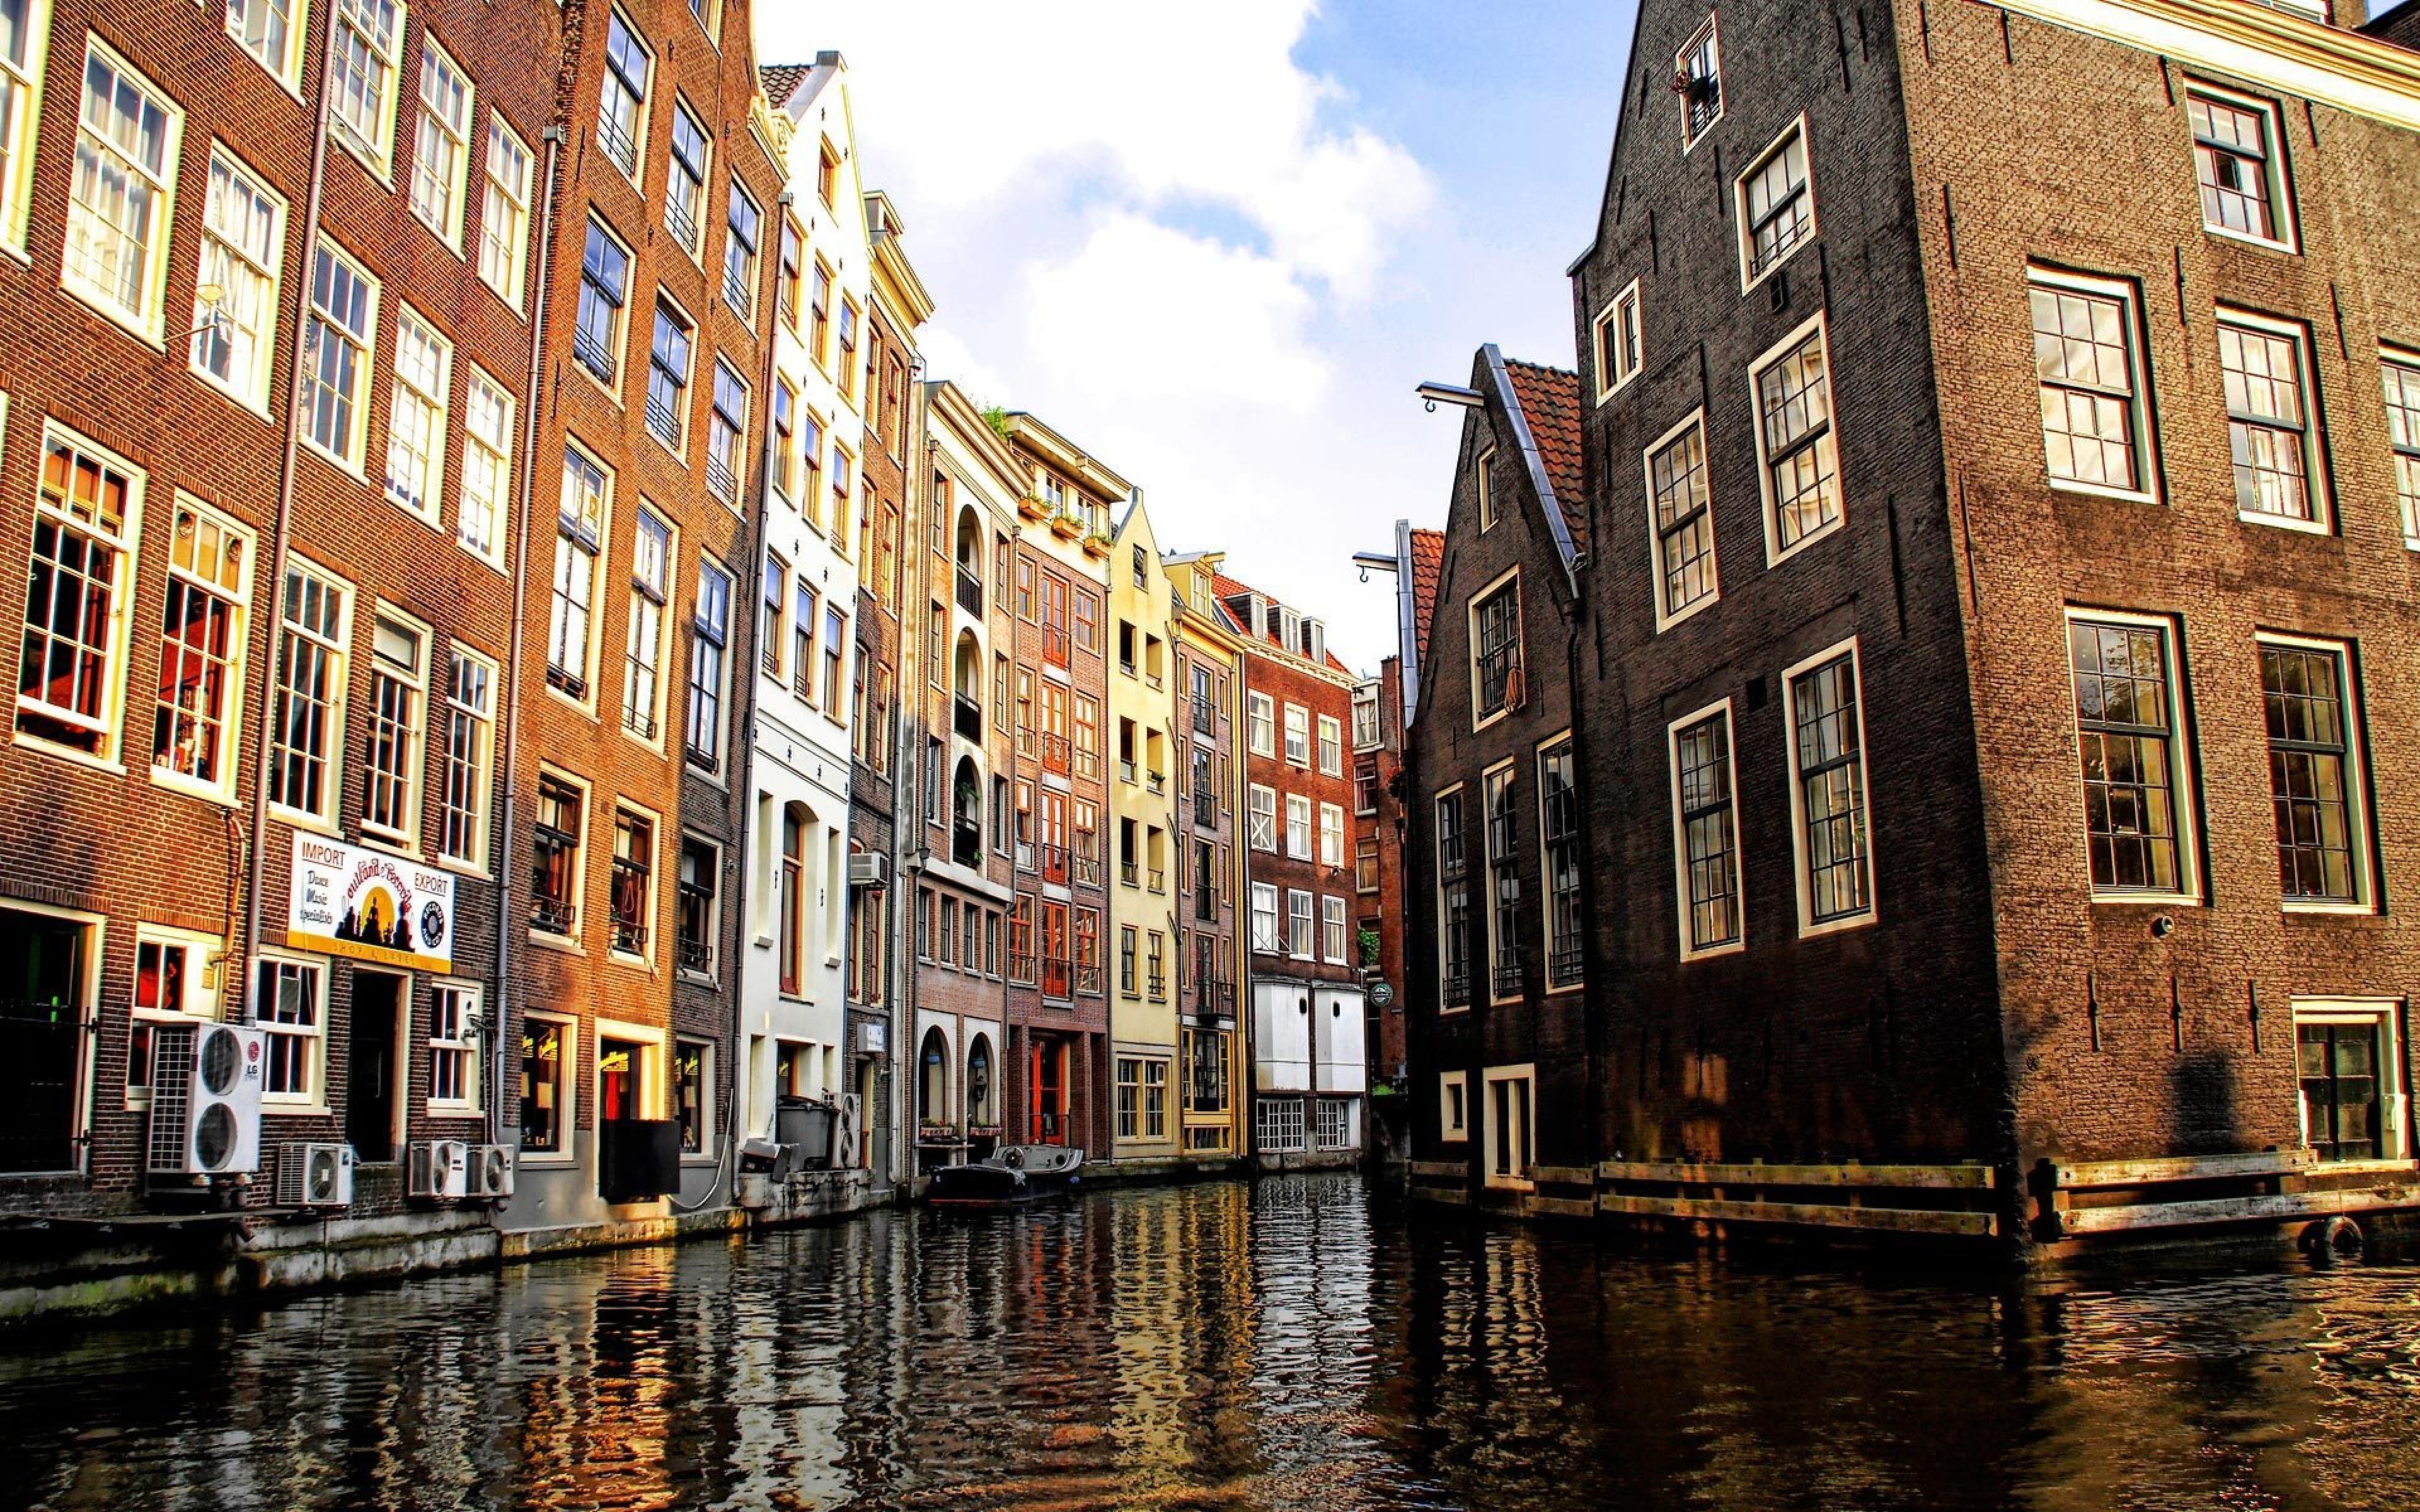 city canal widescreen wallpaper 51219